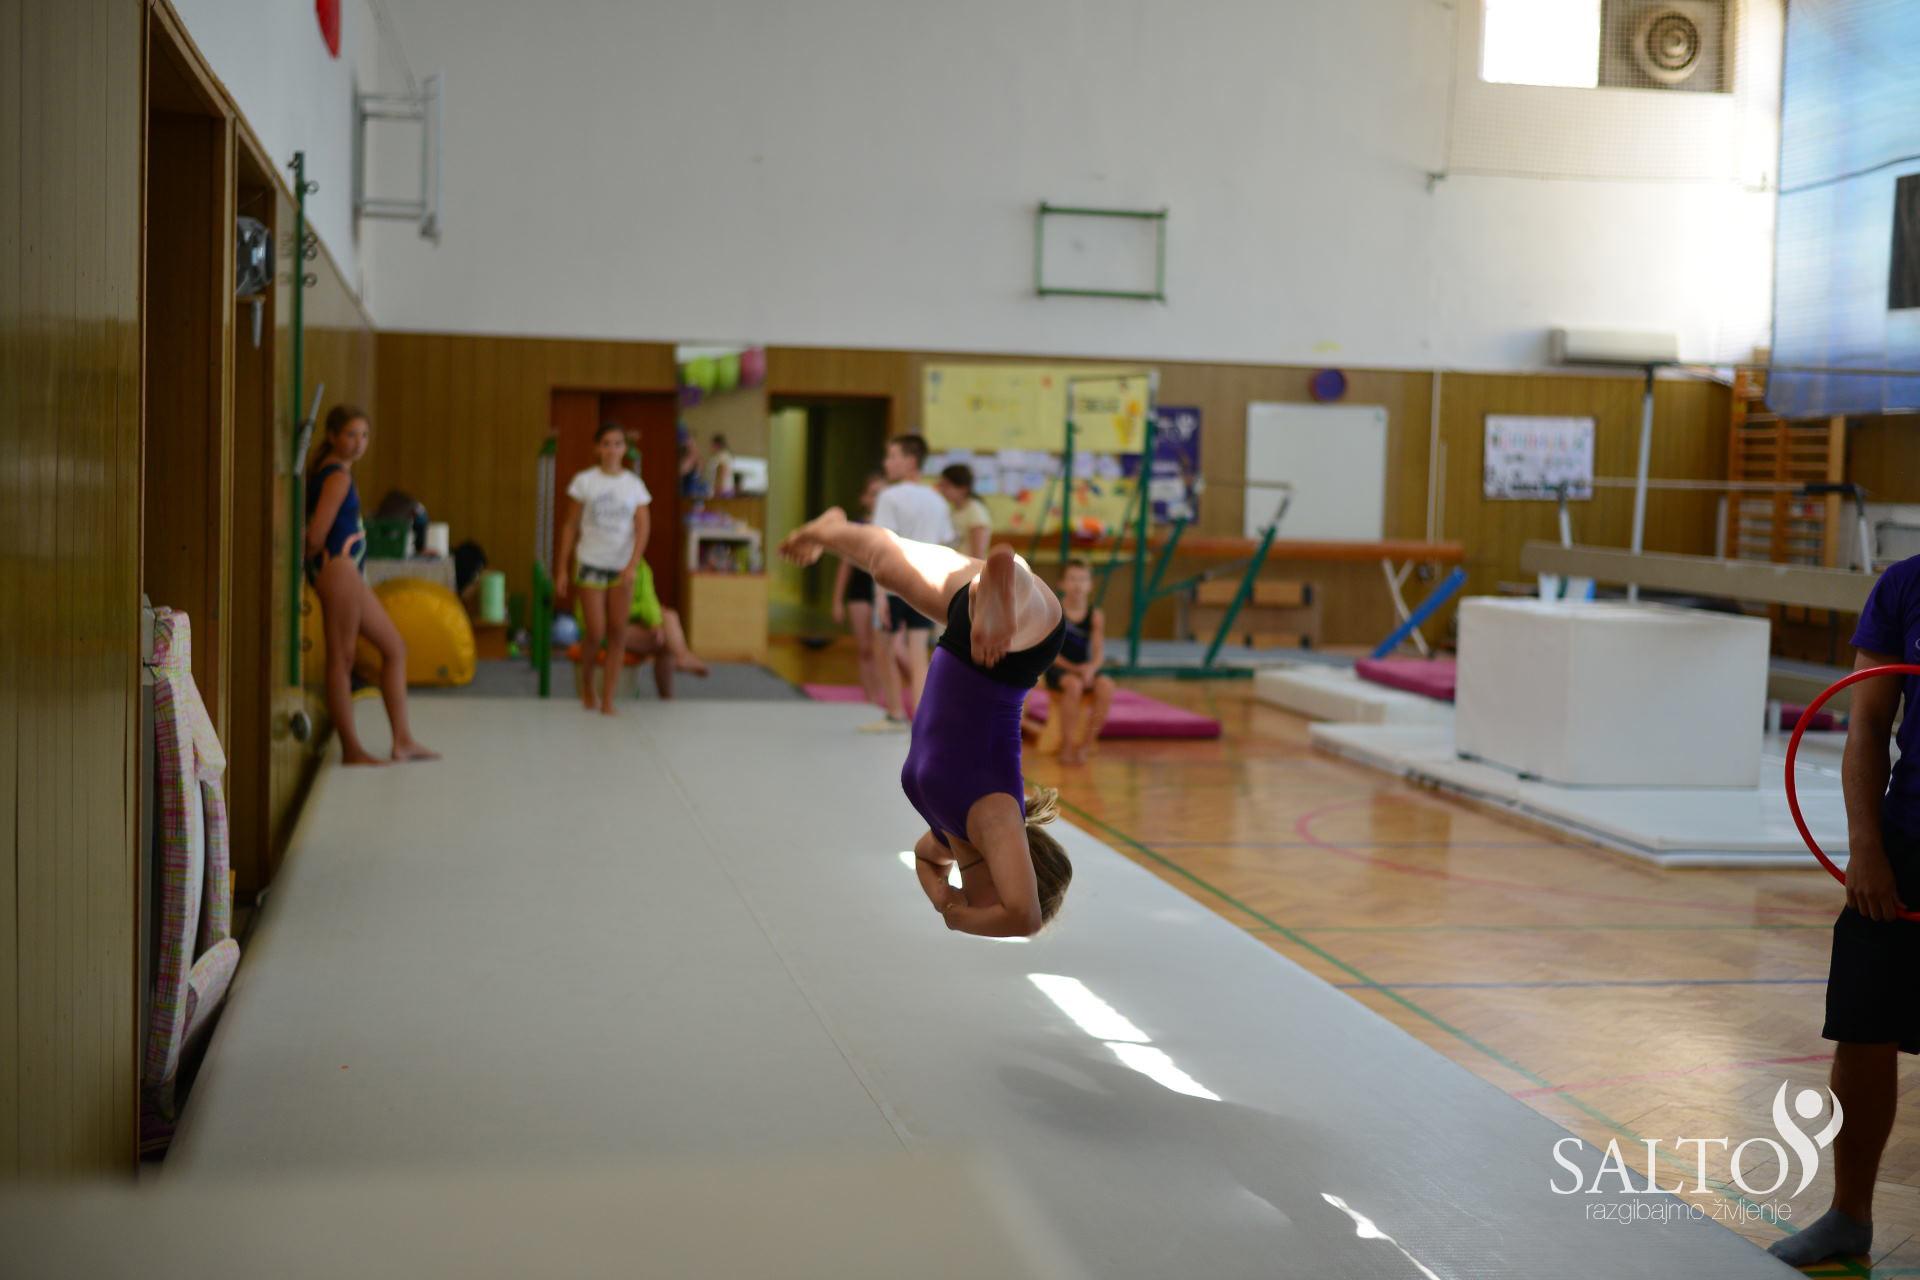 Poletni gimnastični kamp 2015 drugi termin prvi in drugi dan